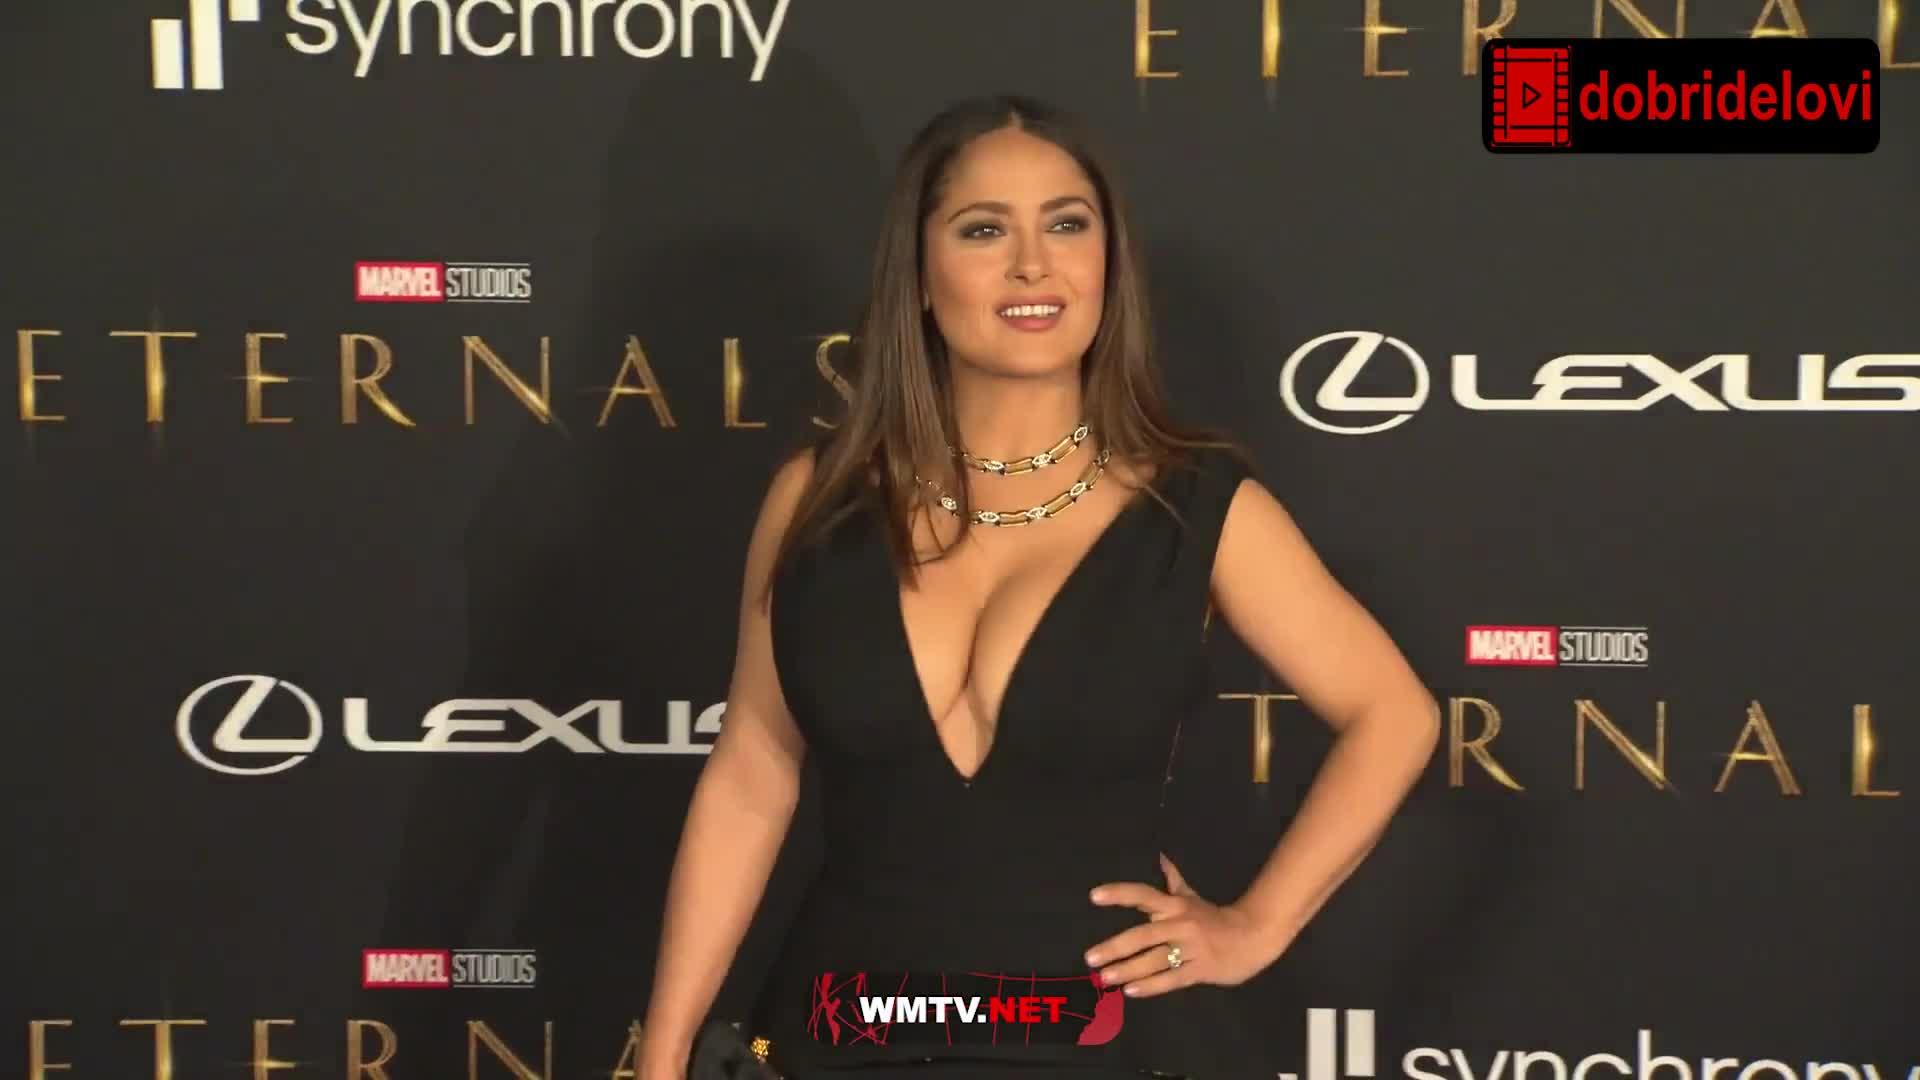 Salma Hayek master cleavage at Eternals World Premiere